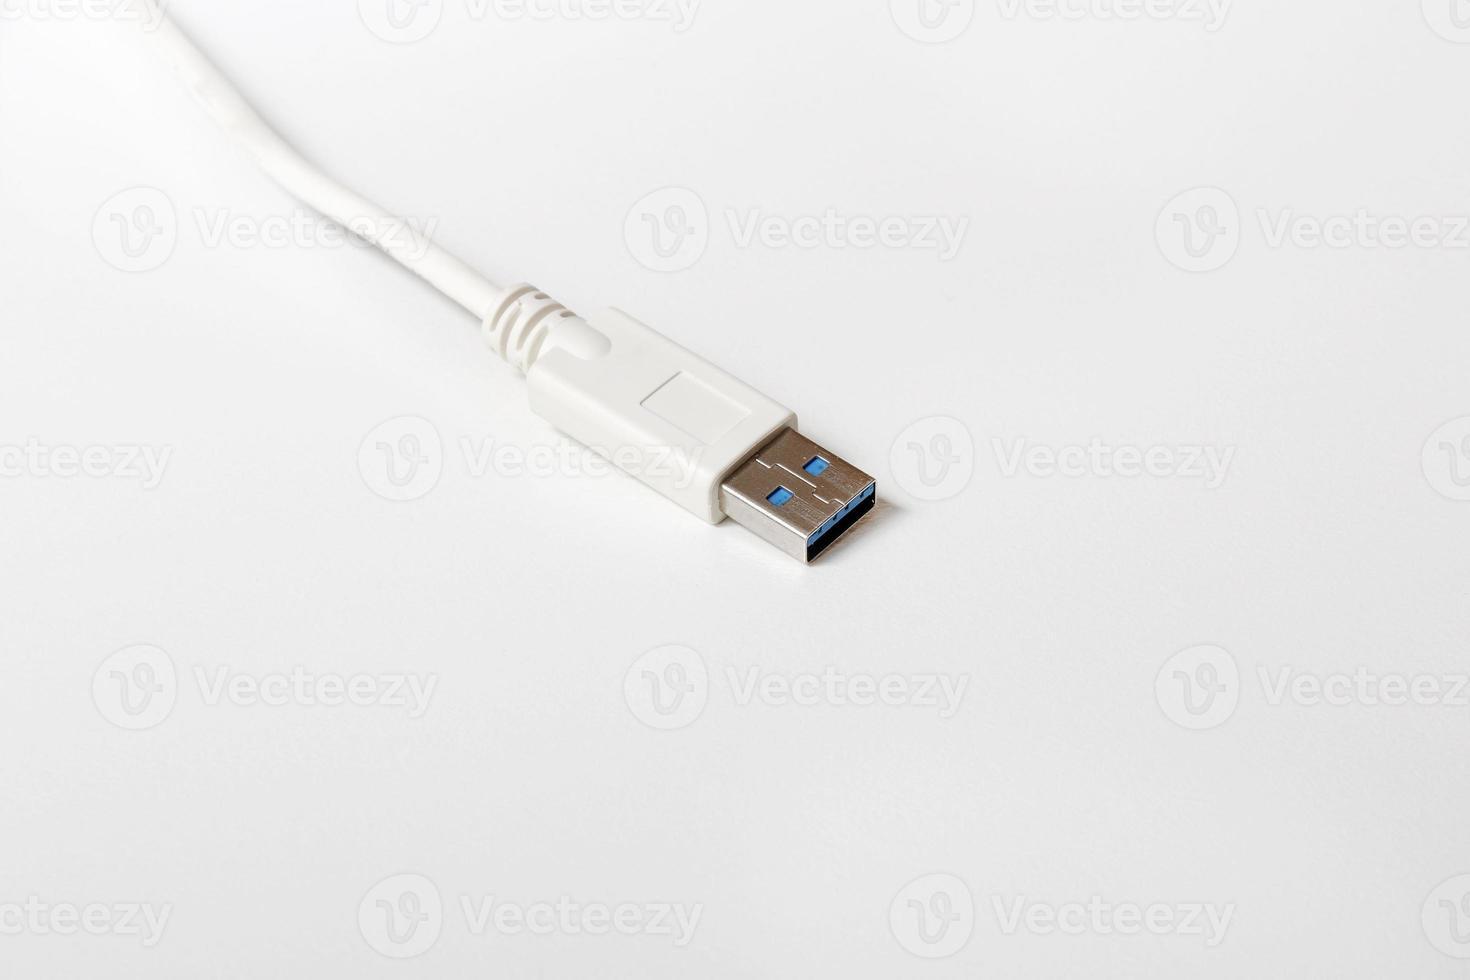 USB 3.0 Mehrfachkartenleser und Kabel foto